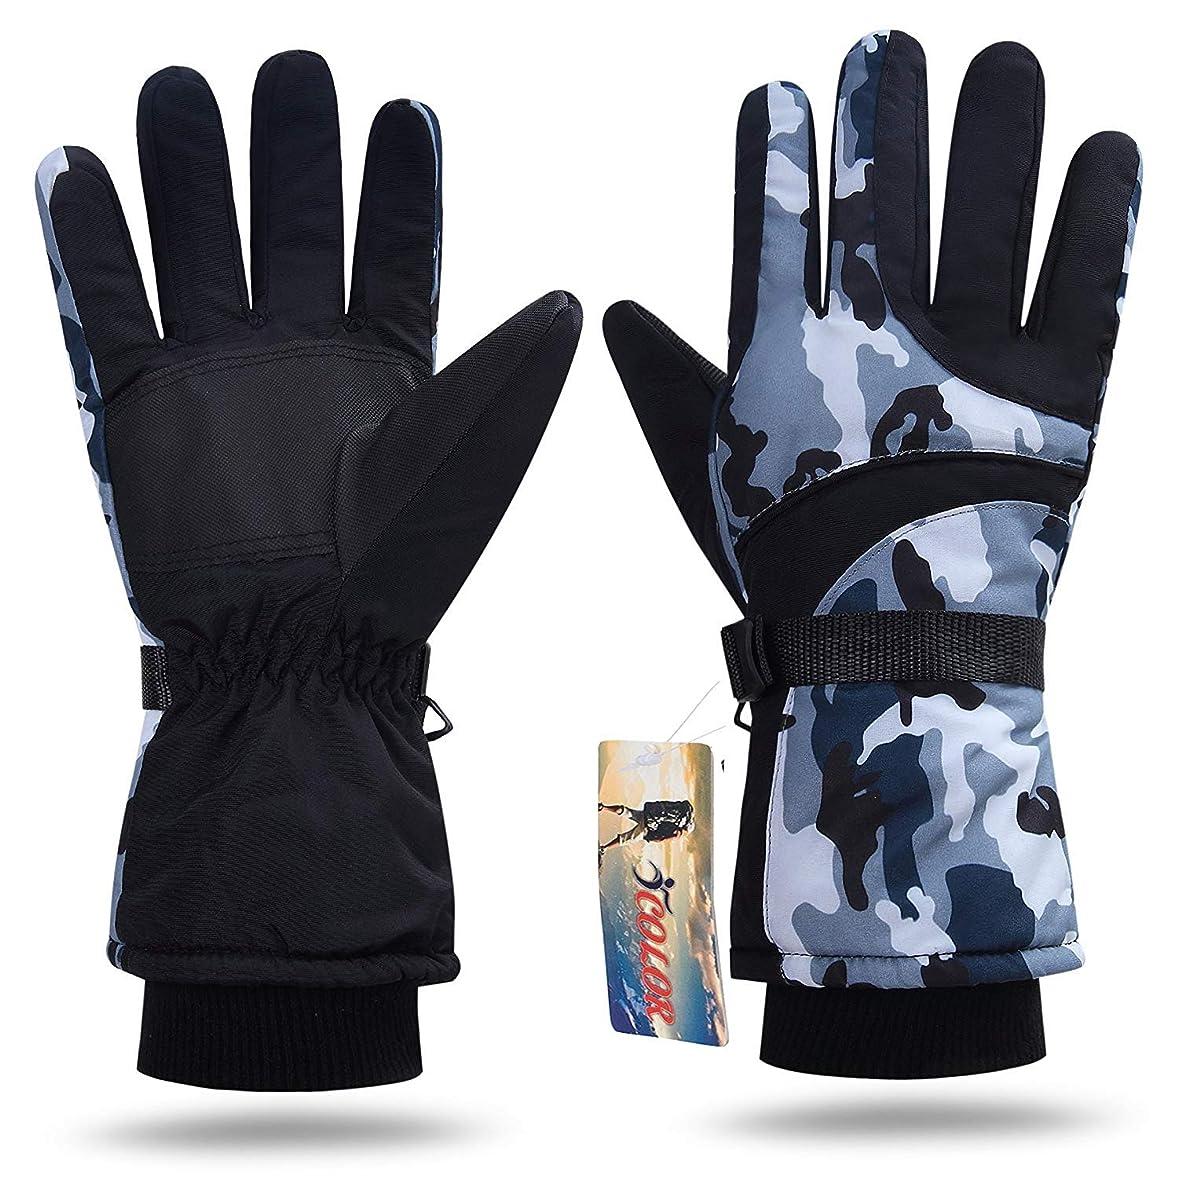 ローマ人サイレン誤解するiColor スキー手袋/グローブ 360 ヒートロック 防寒 防水 防風 あったか厚手 アウトドア/スキー/登山対応 フリーサイズ 男女兼用 2本セット